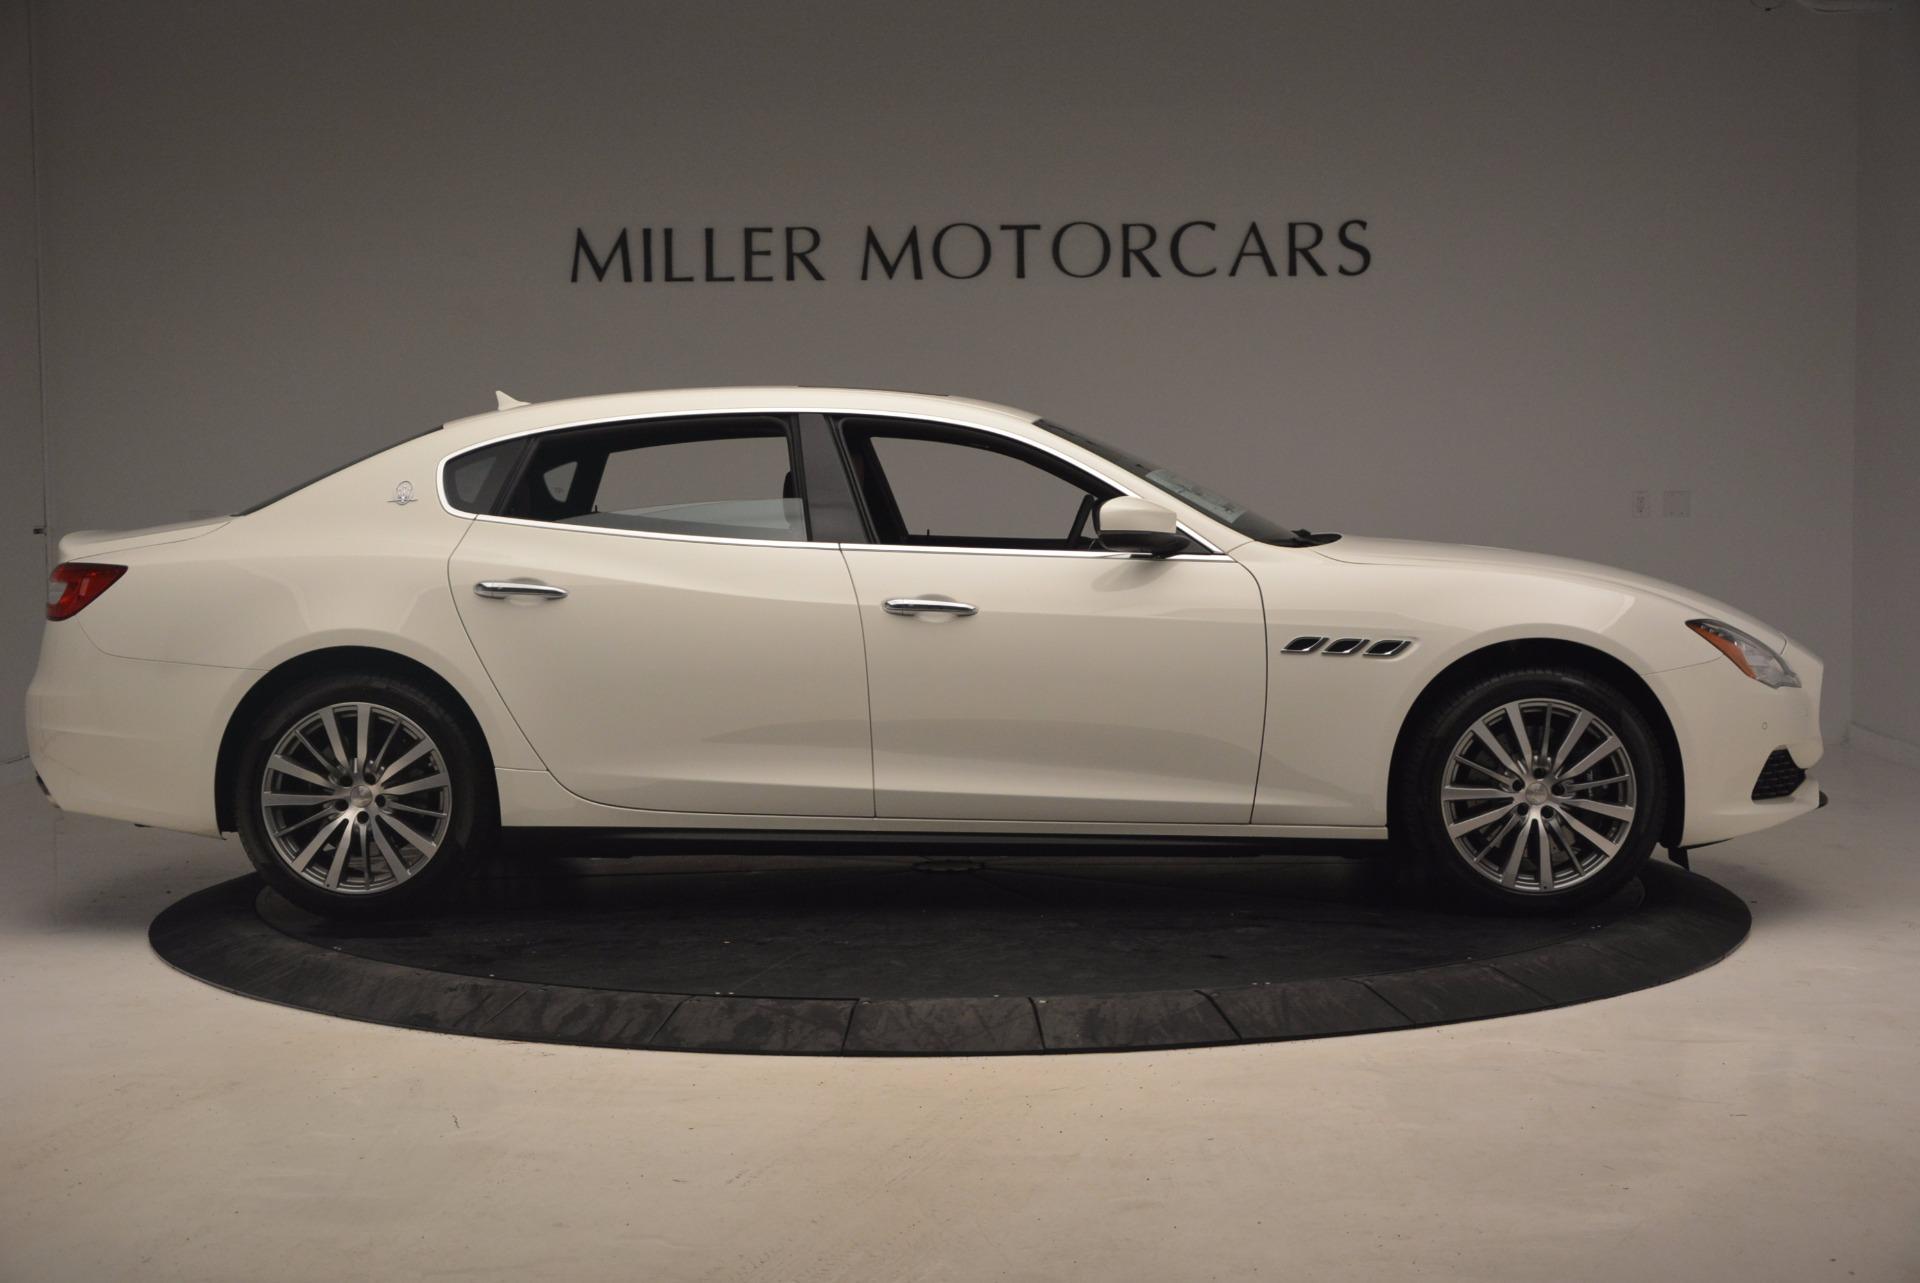 New 2017 Maserati Quattroporte SQ4 For Sale In Greenwich, CT 1065_p9